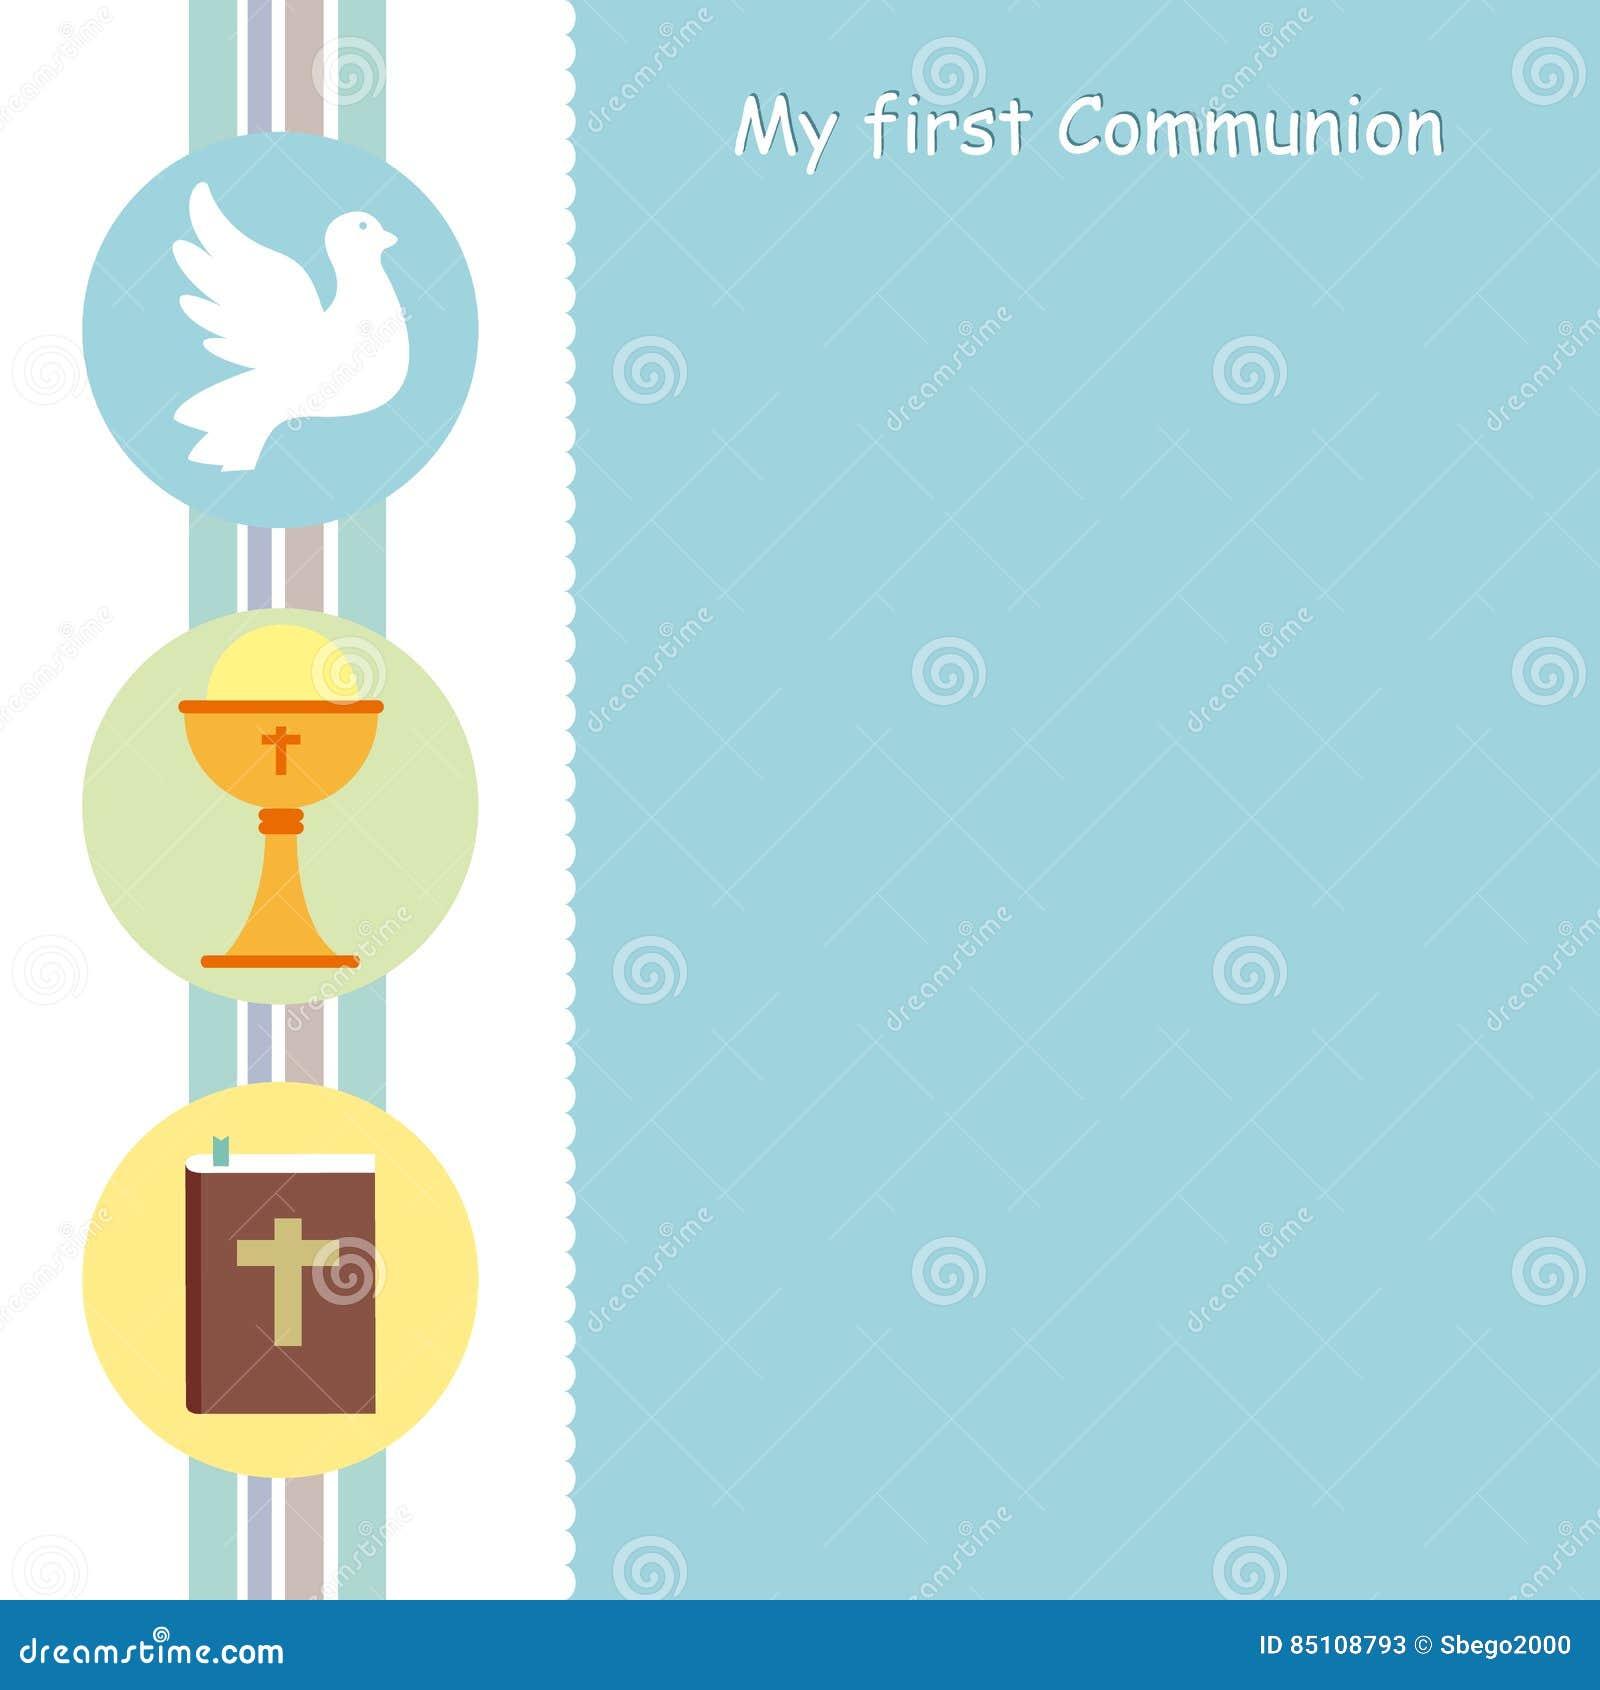 Kommunion Karte Text.Meine Erste Kommunionskarte Vektor Abbildung Illustration Von